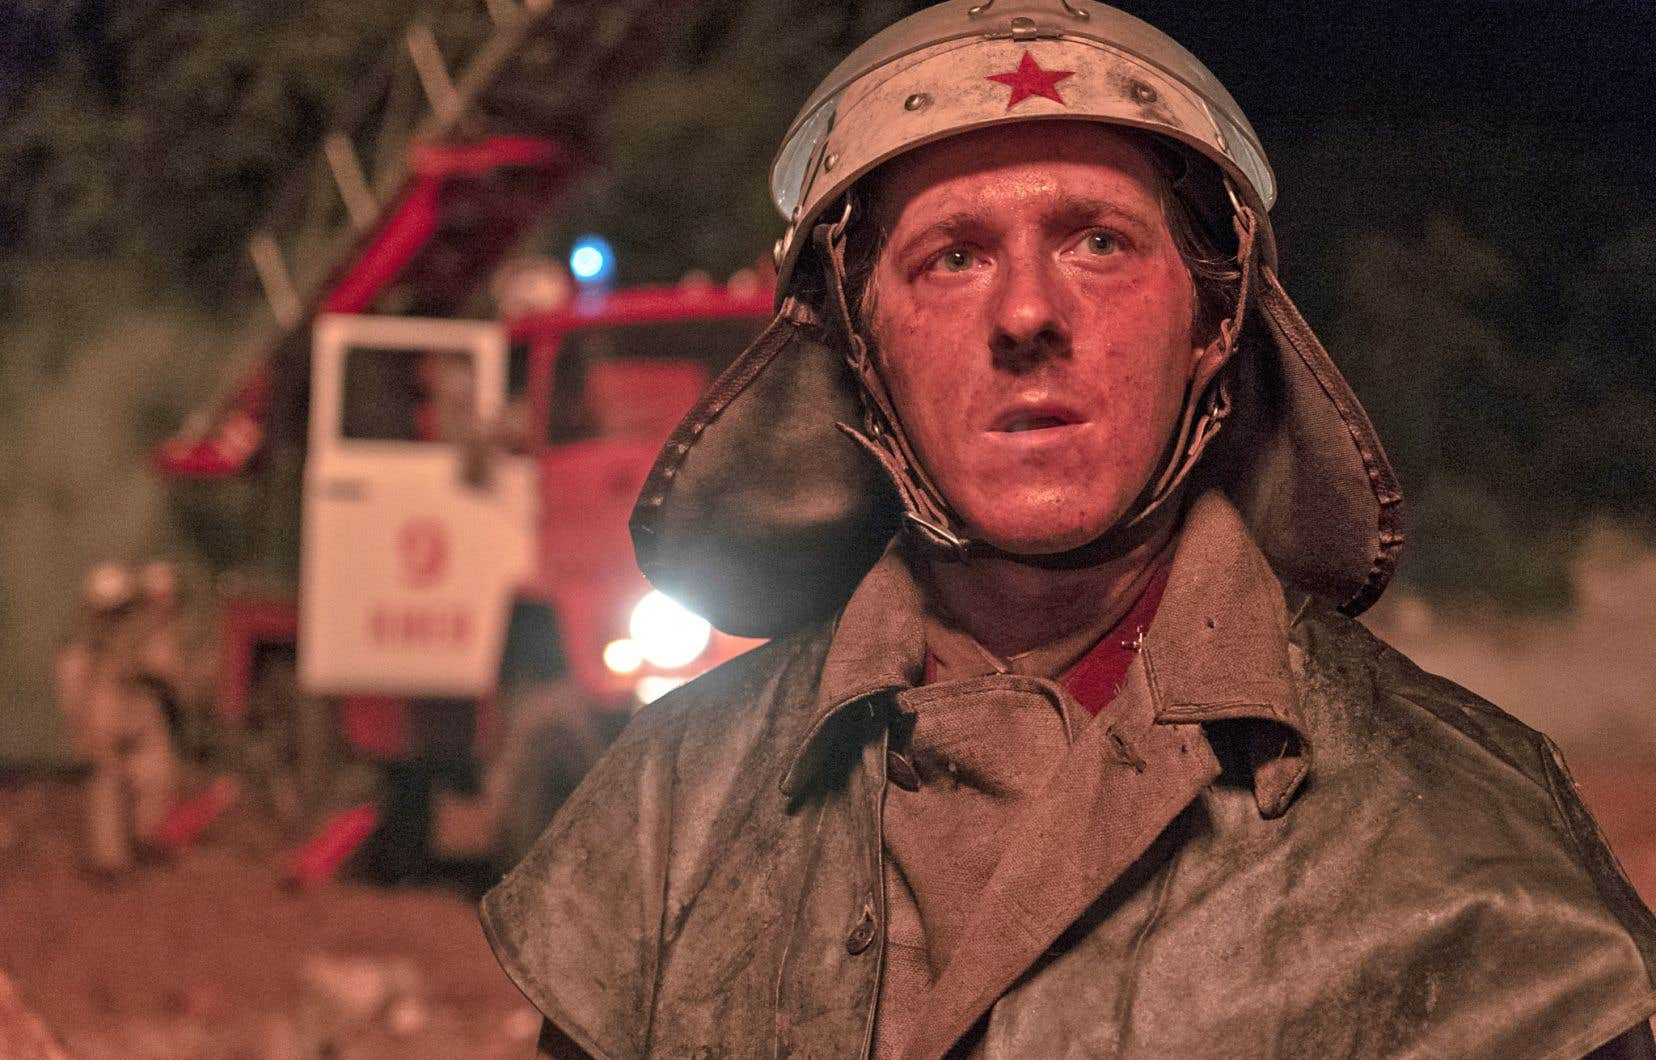 Les cinq épisodes de «Chernobyl» font le décompte des heures suivant l'accident en montrant juste ce qu'il faut, en laissant les scènes parler.